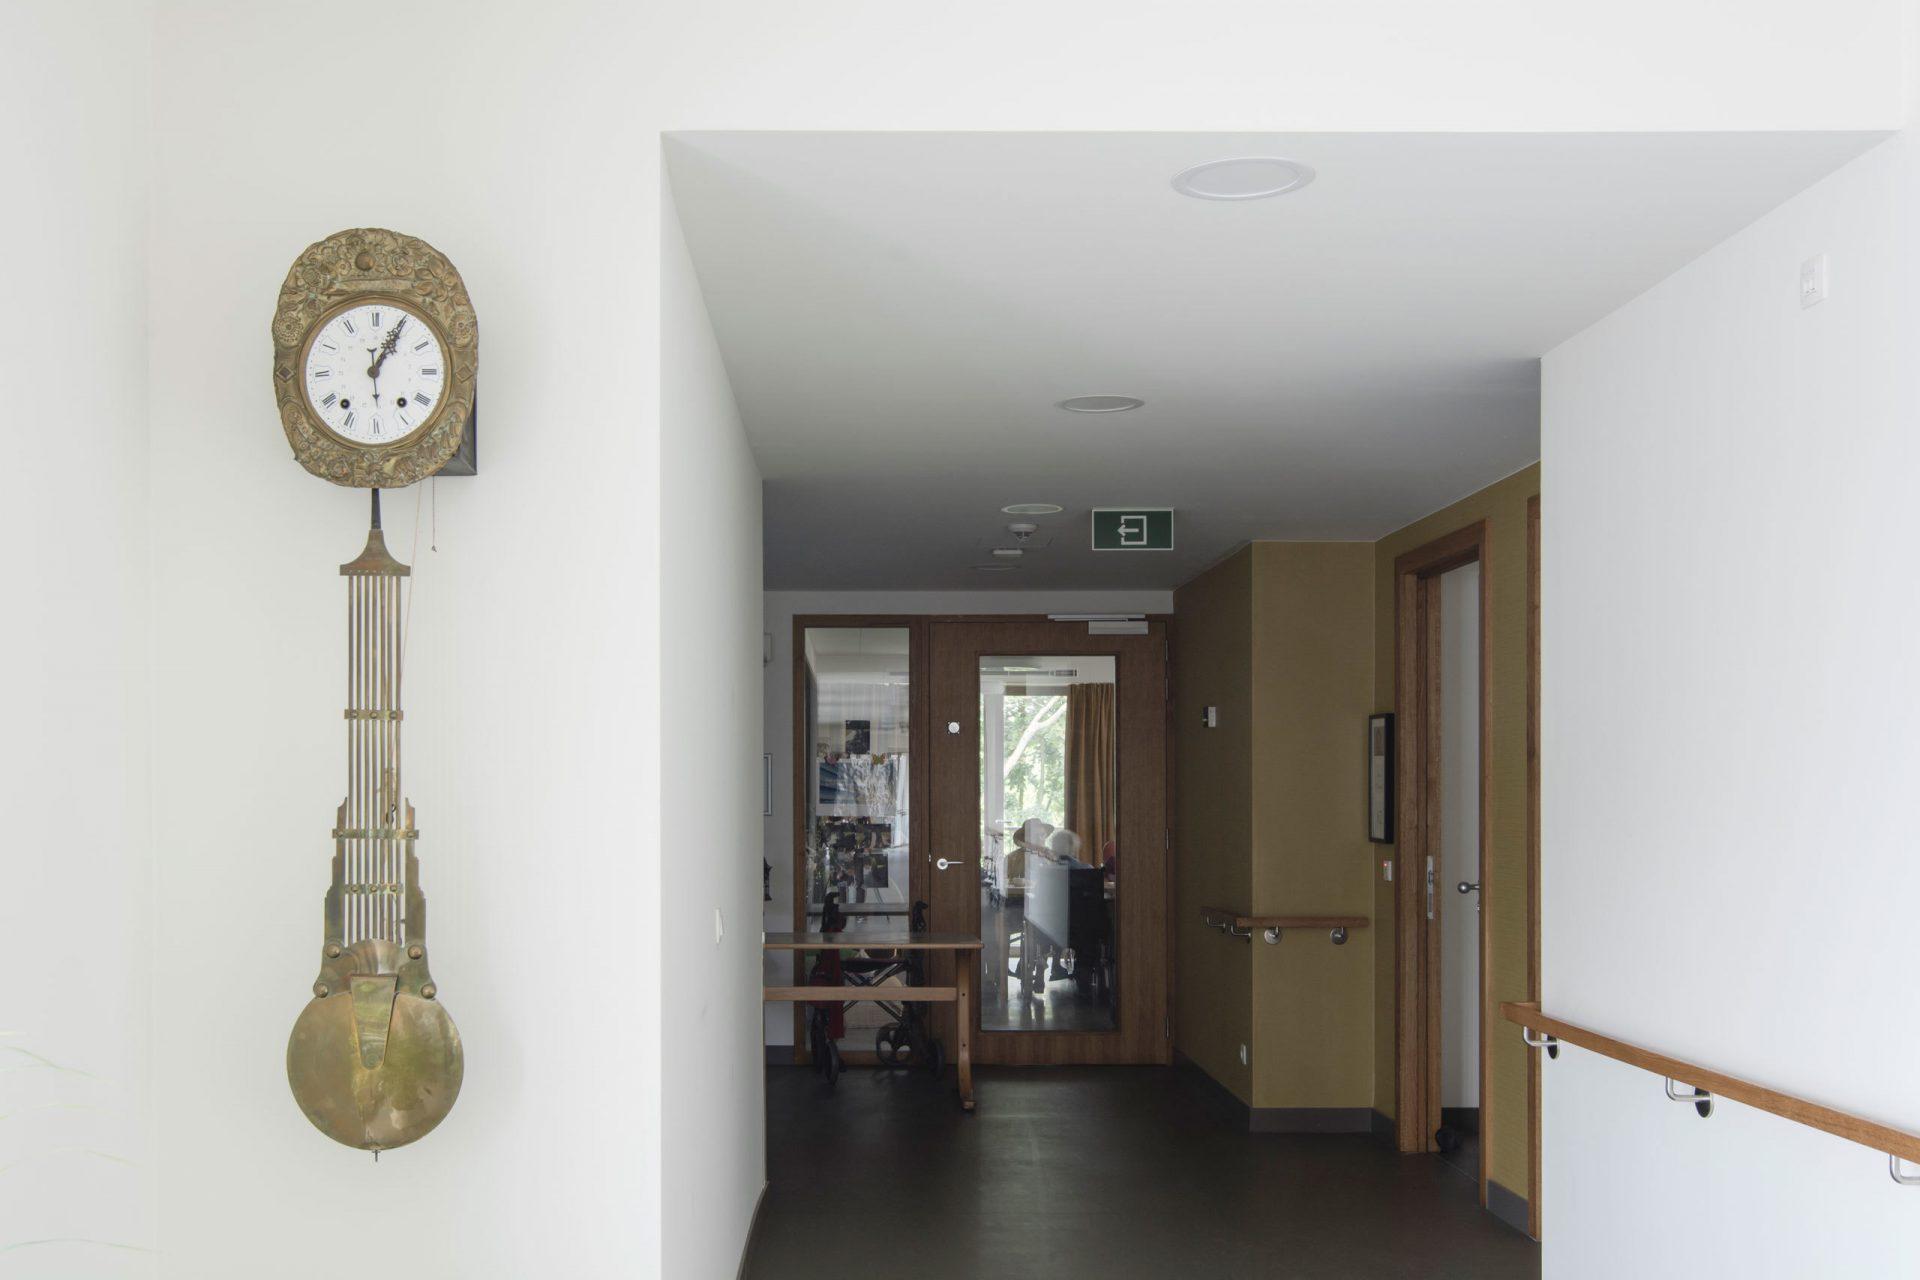 Machelen Clock